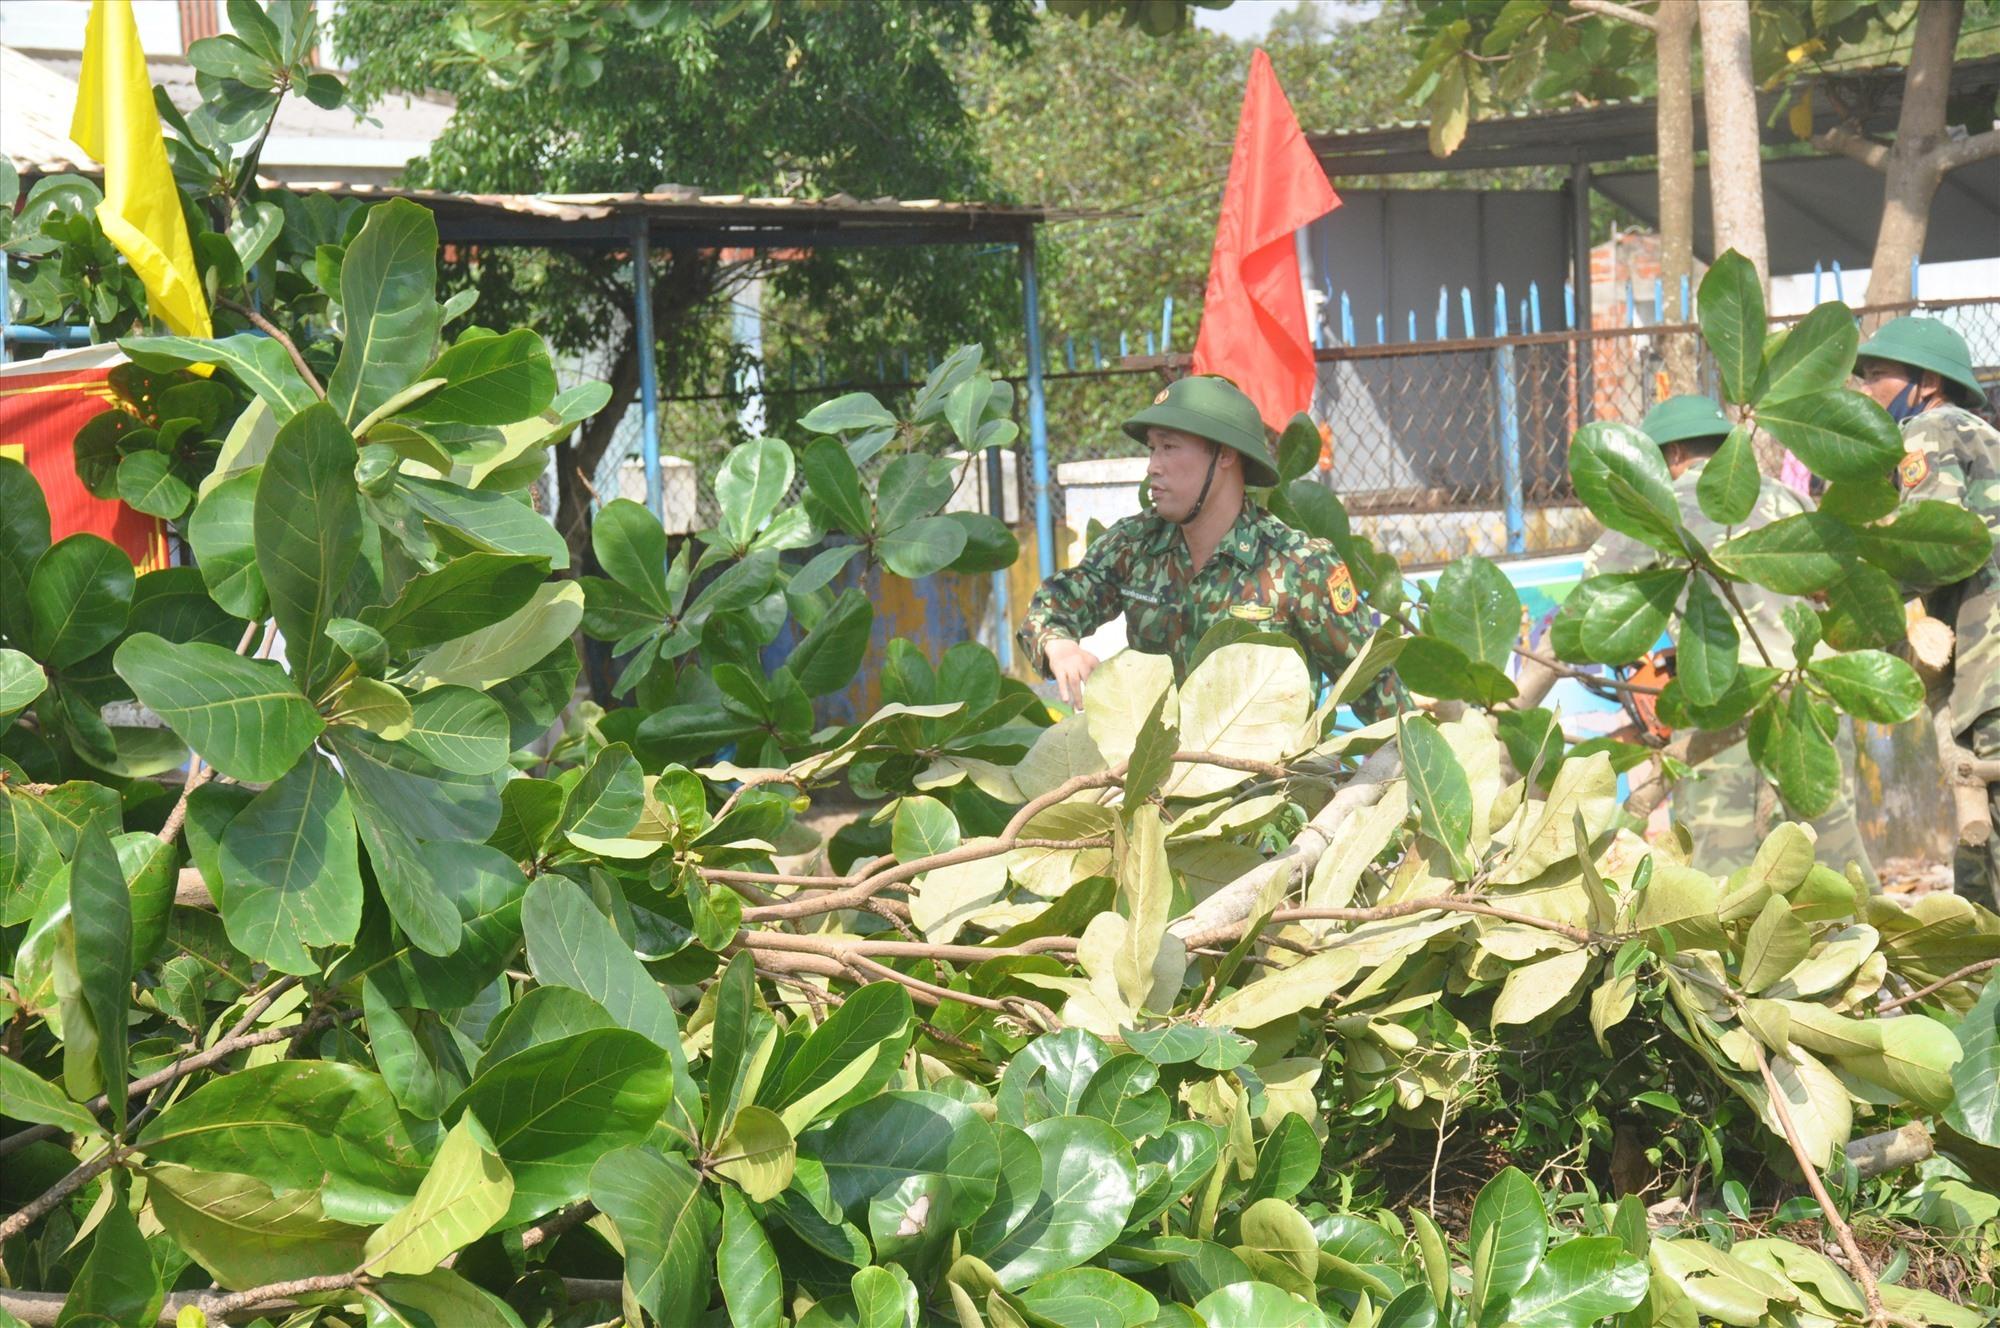 Lực lượng dân quân giúp người dân đón hạ cây cối có nguy cơ bị ngã đổ gây nguy hiểm do bão. Ảnh: N.Đ